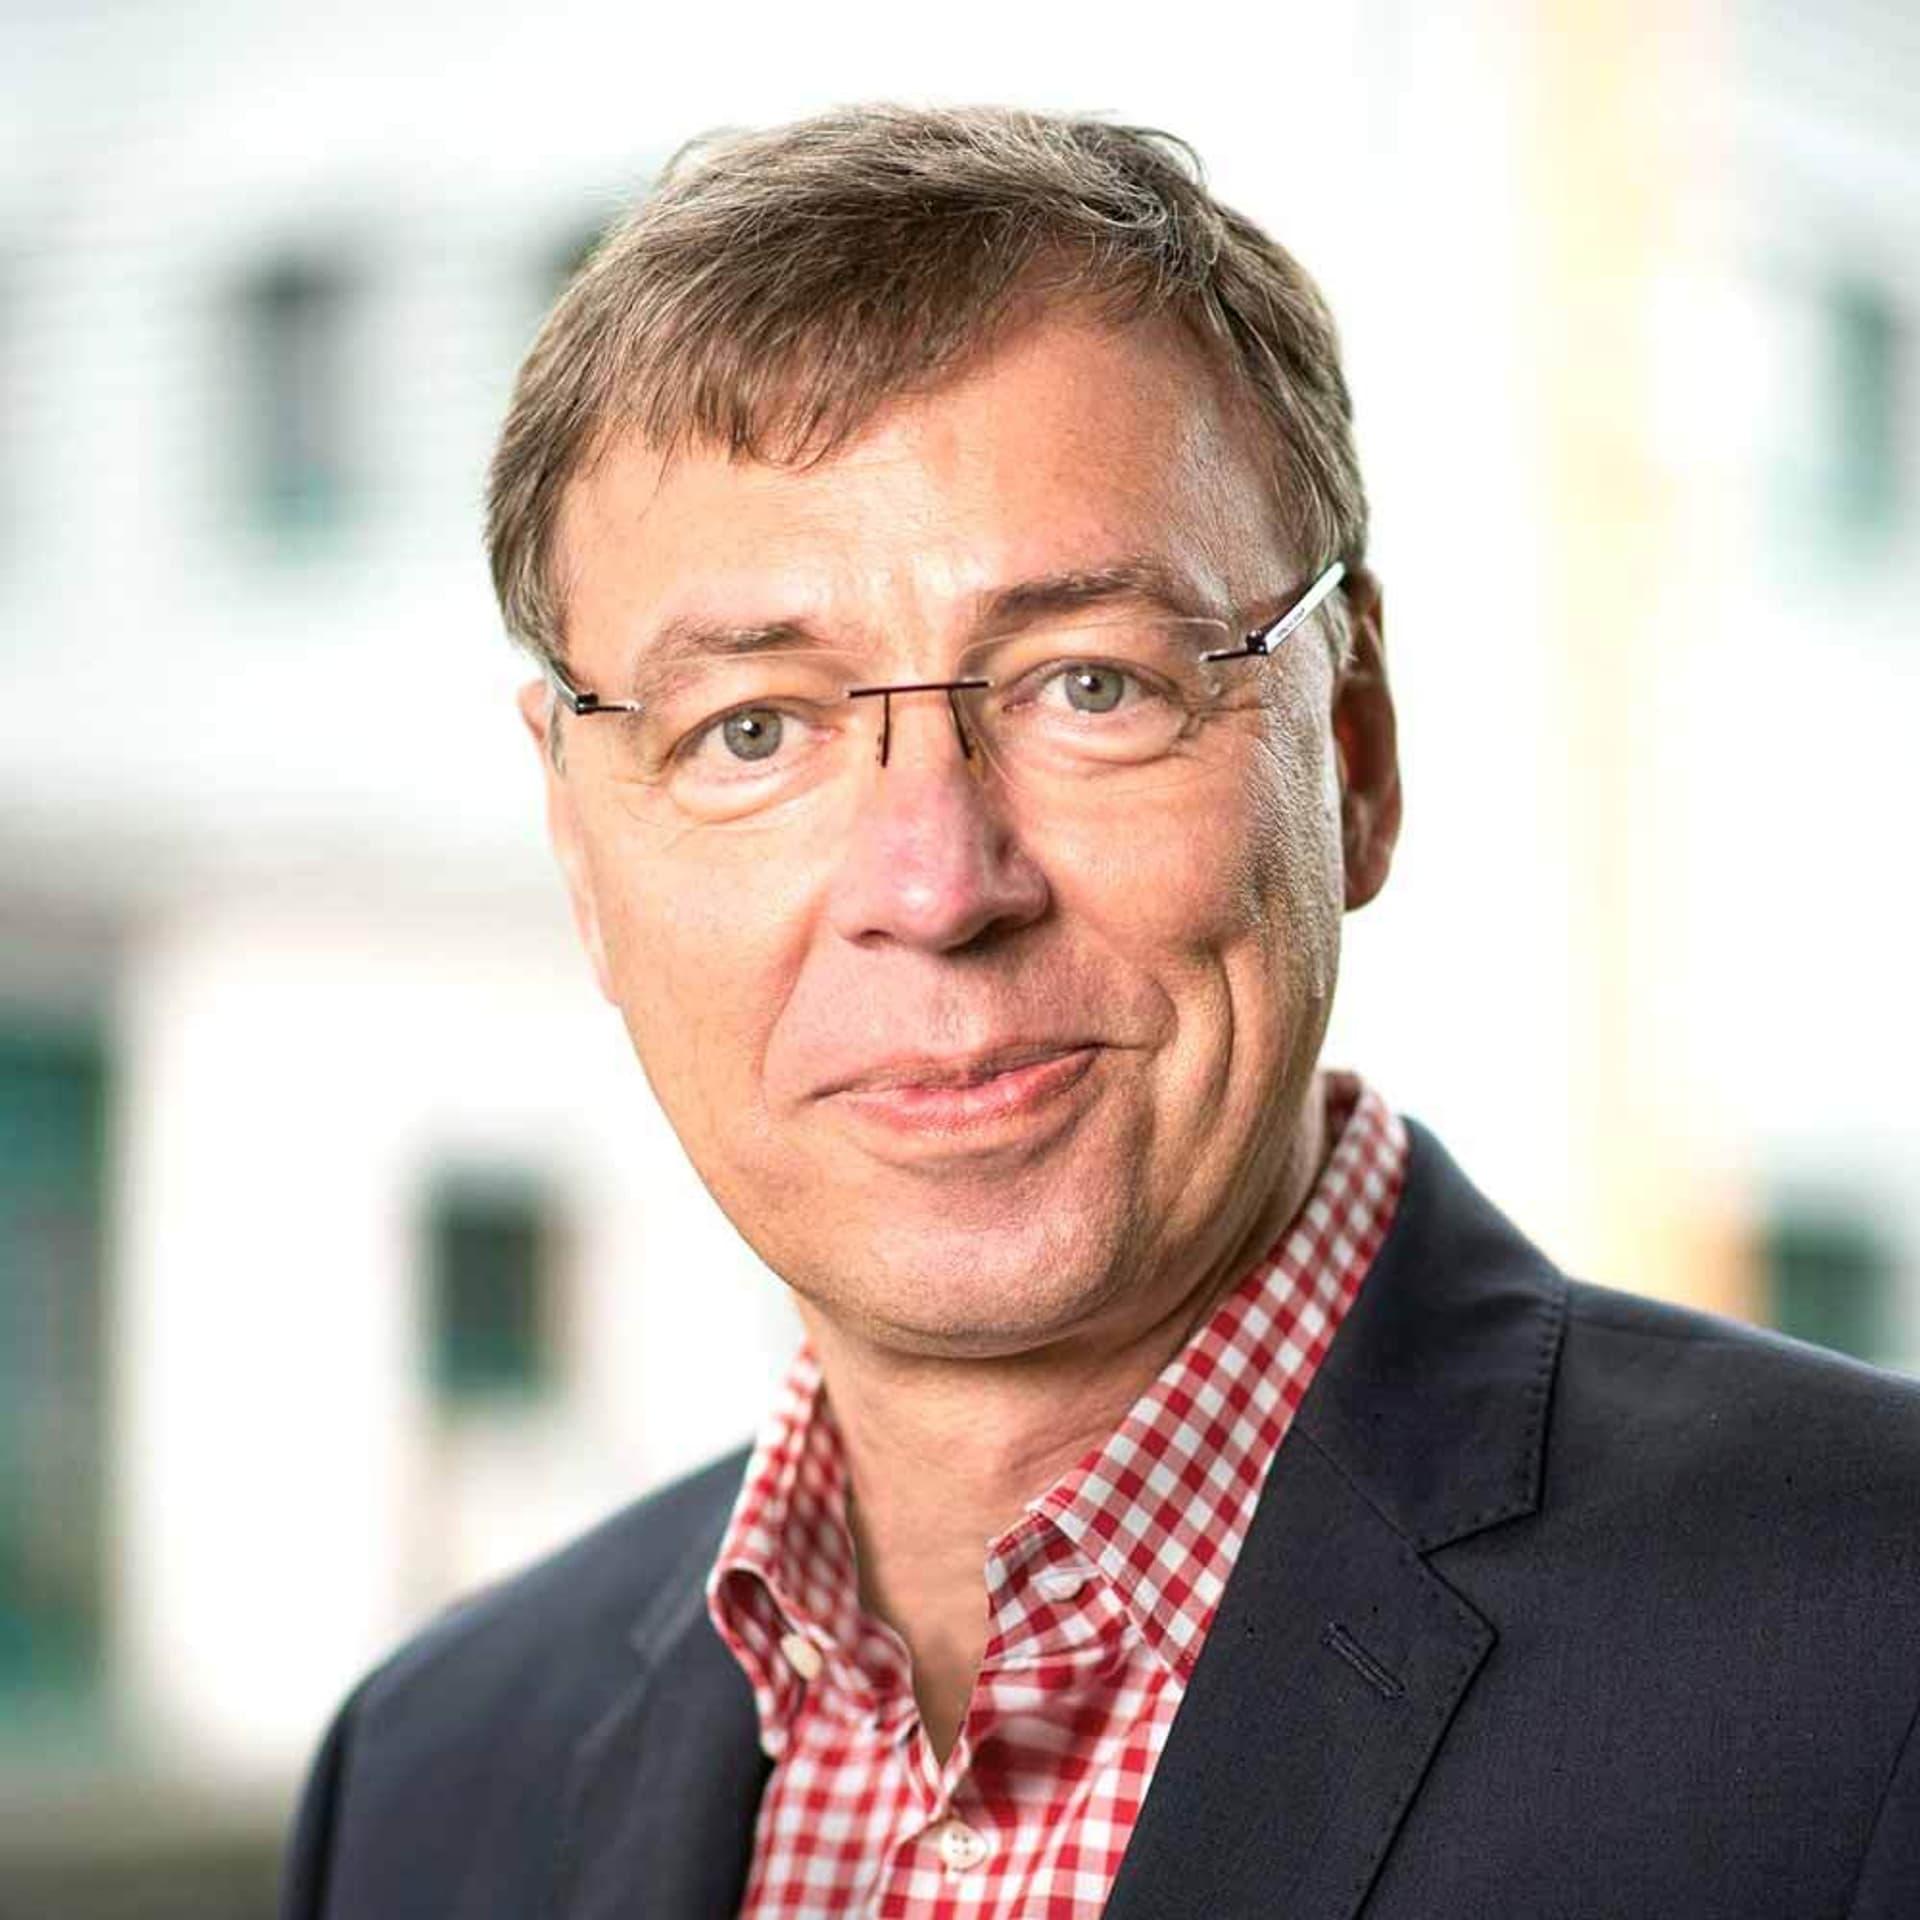 Hans Ulrich Schatz